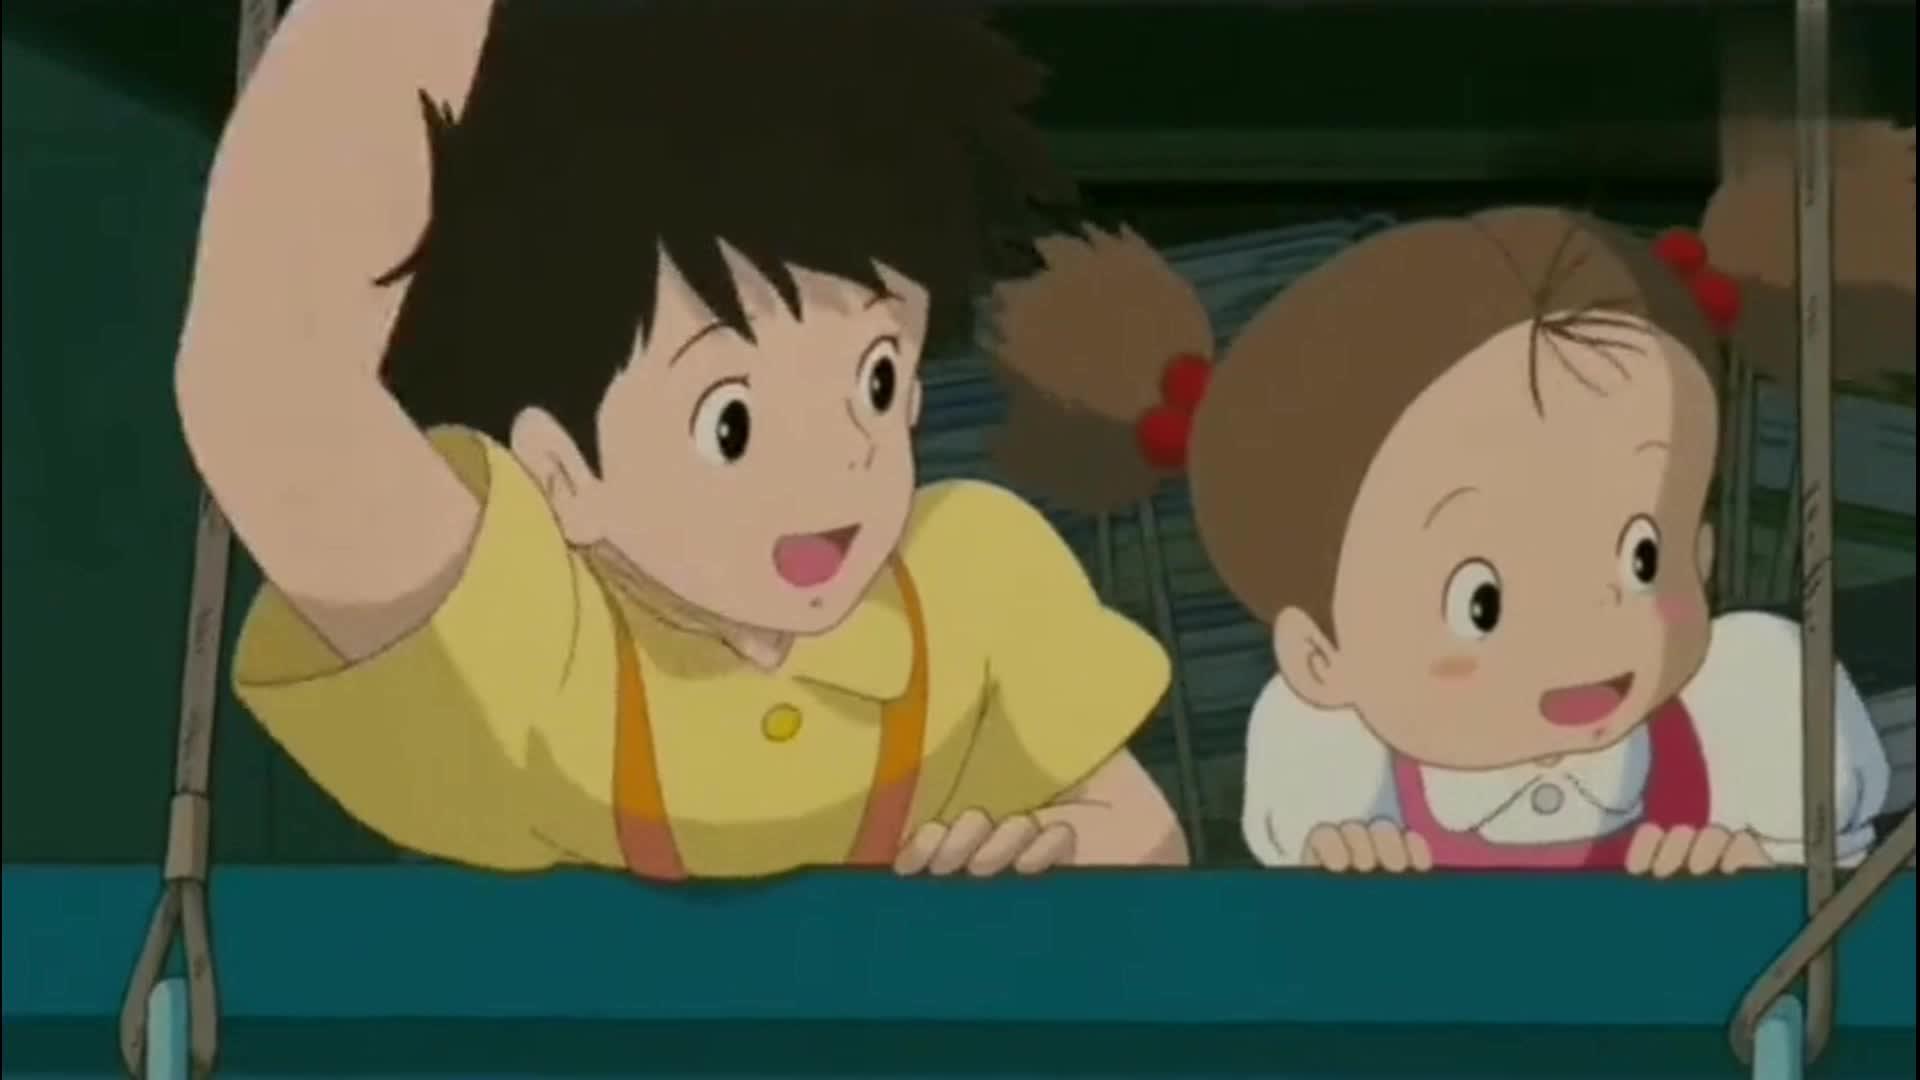 宫崎骏动画当心情不好时 看看这个 让大自然来治愈你